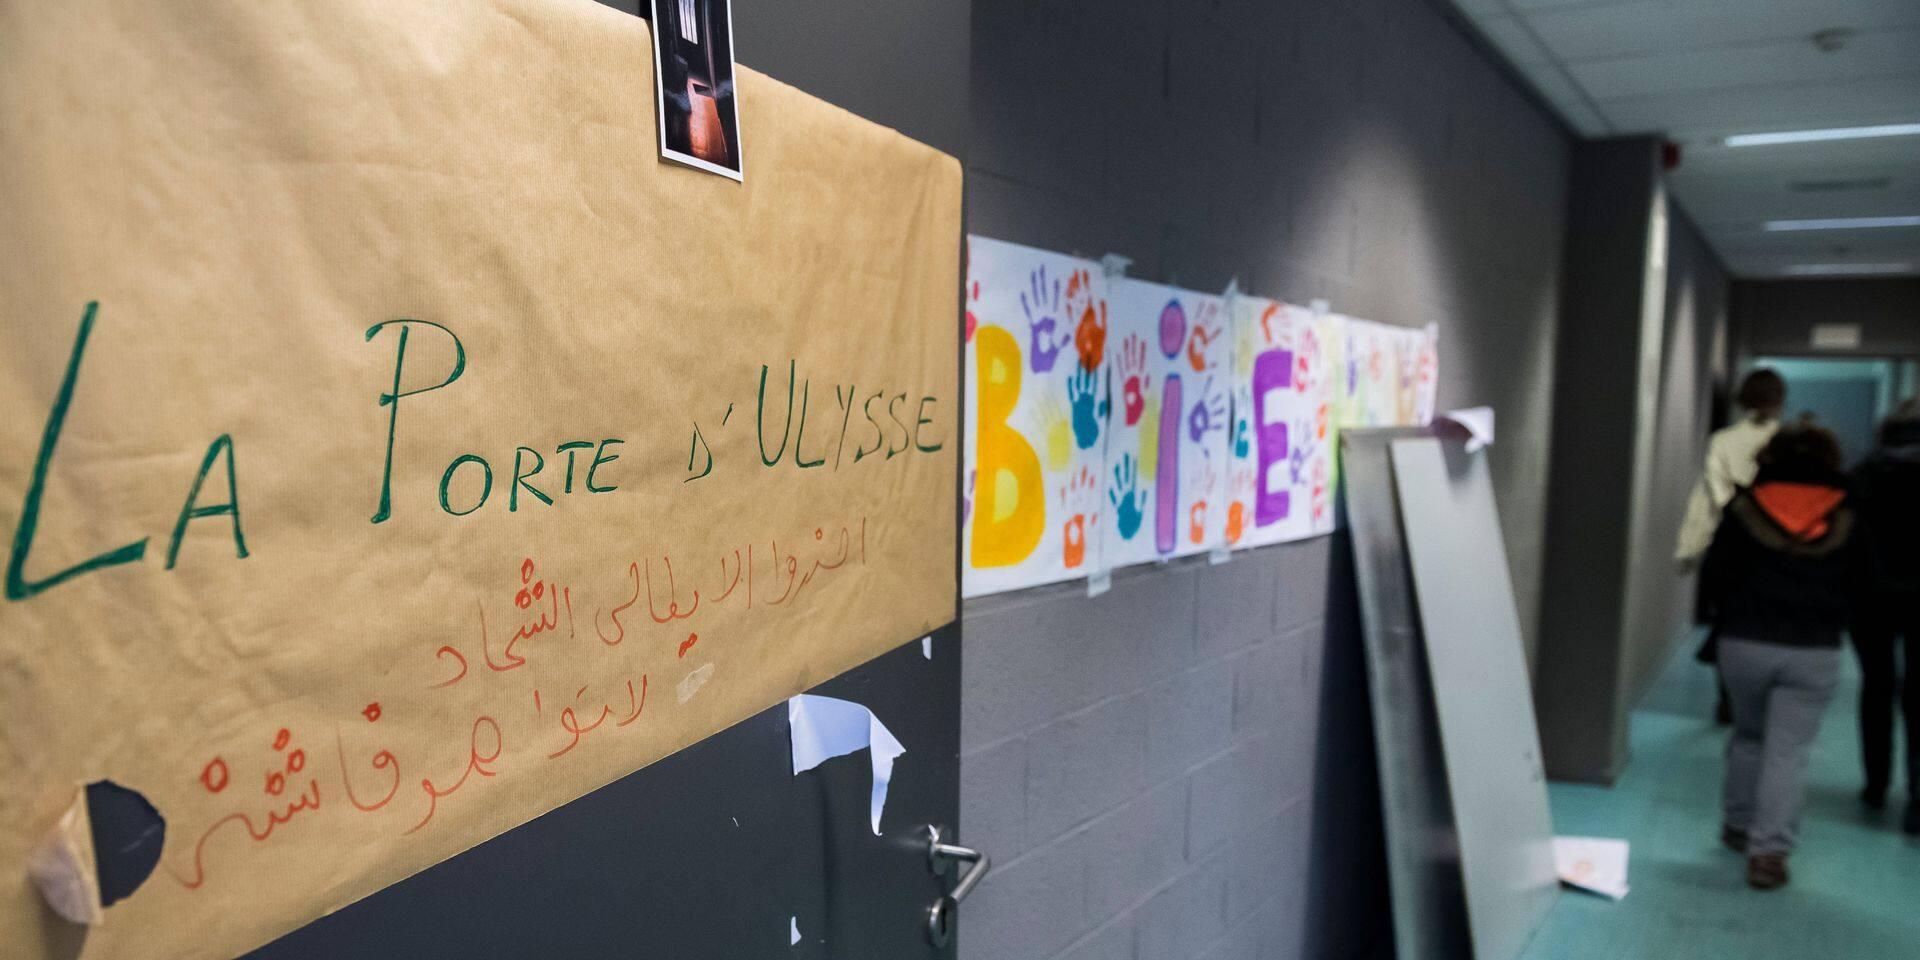 Les incidents à la Porte d'Ulysse cachent un problème bien plus large